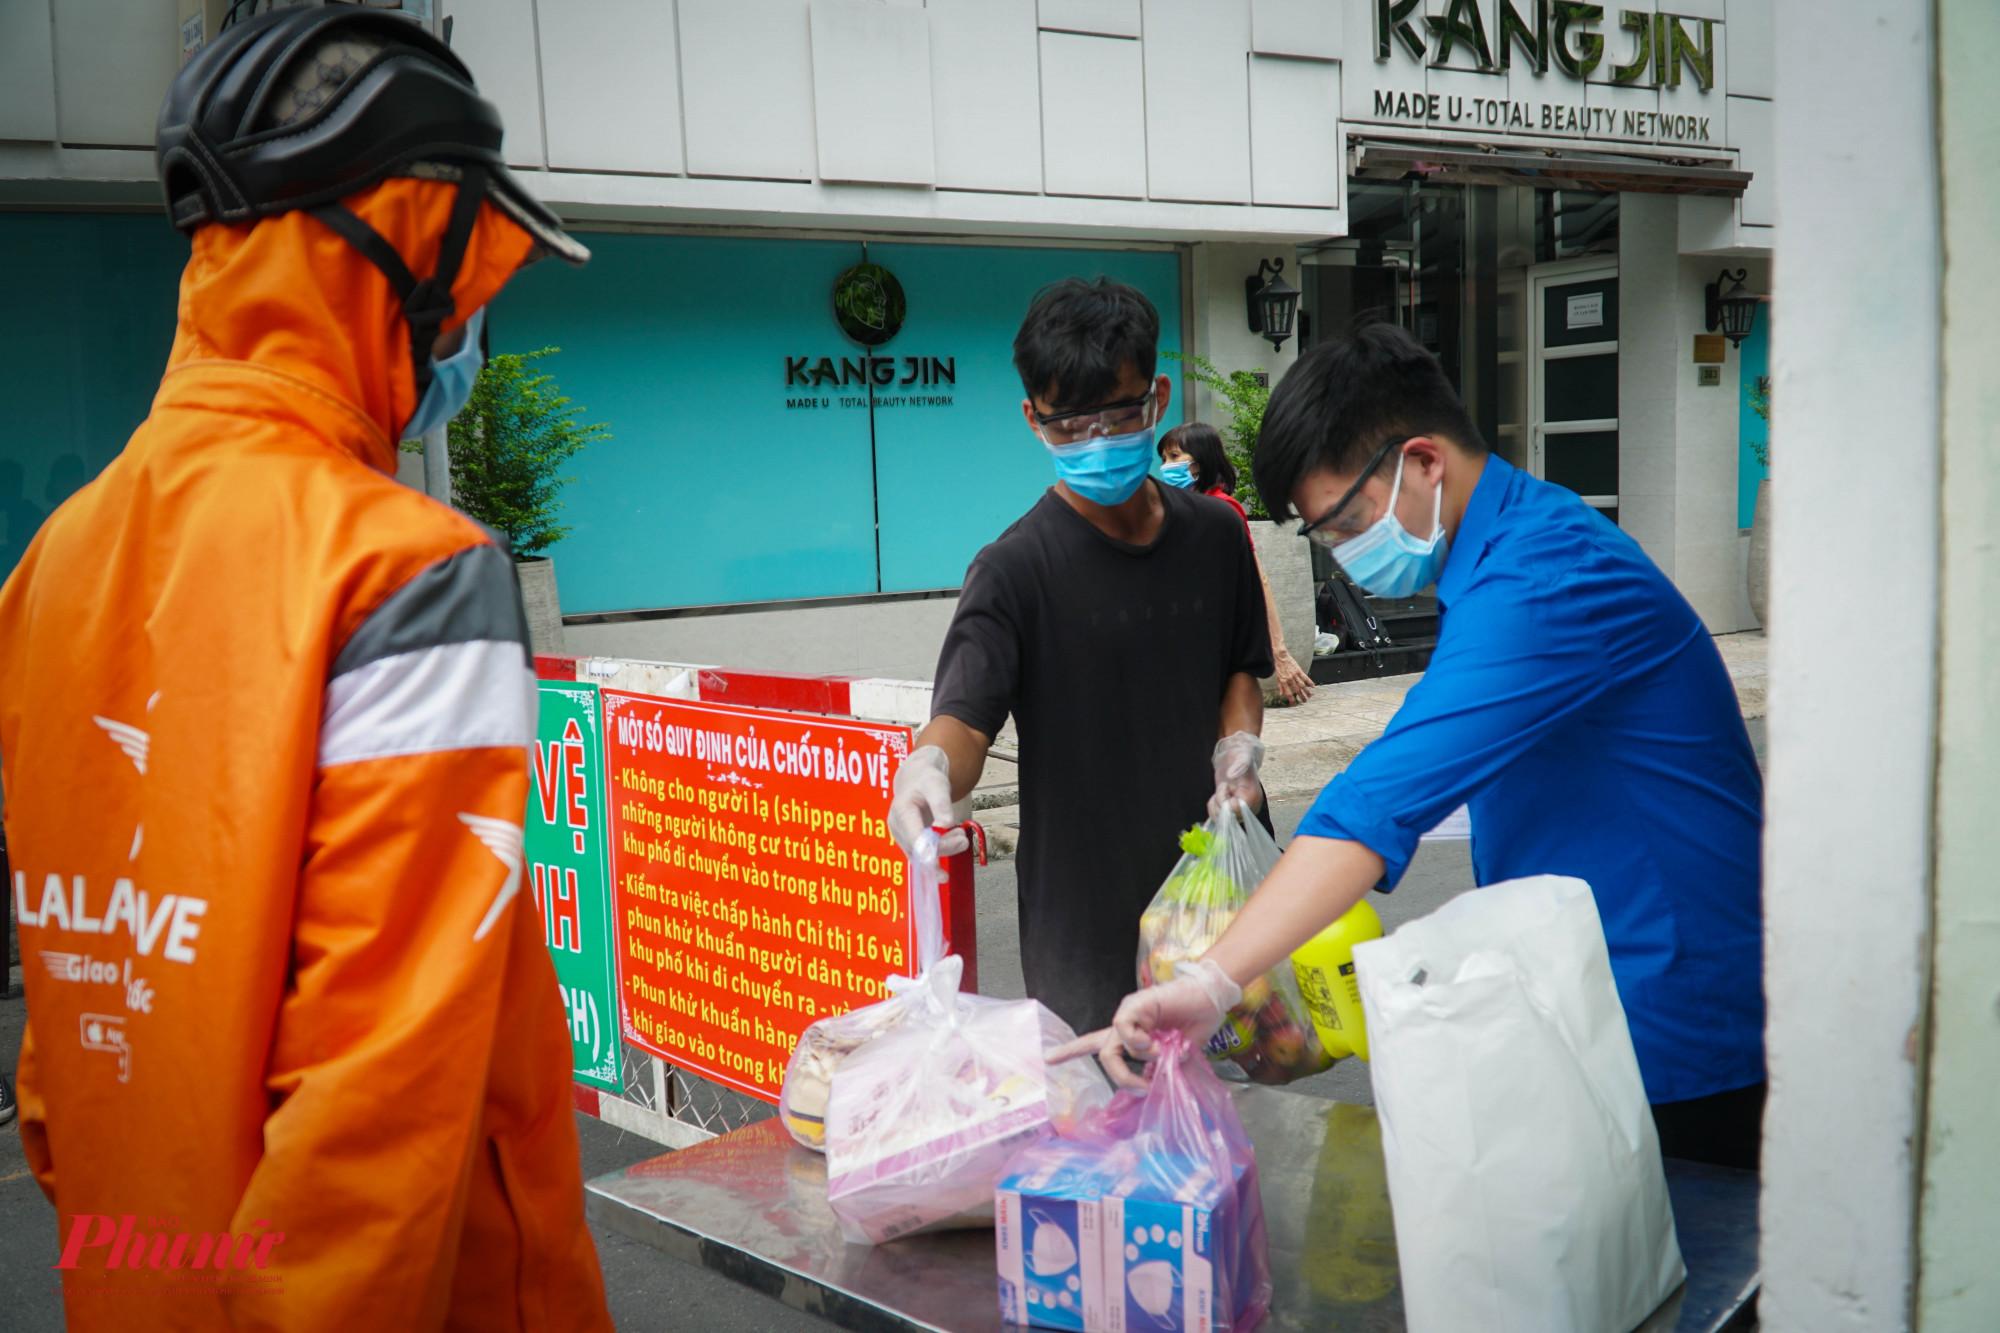 Khi giao hàng, nhân viên giao hàng sẽ để gói đồ trên bàn, lực lượng kiểm tra sẽ tiến hành phun thuốc khử khuẩn